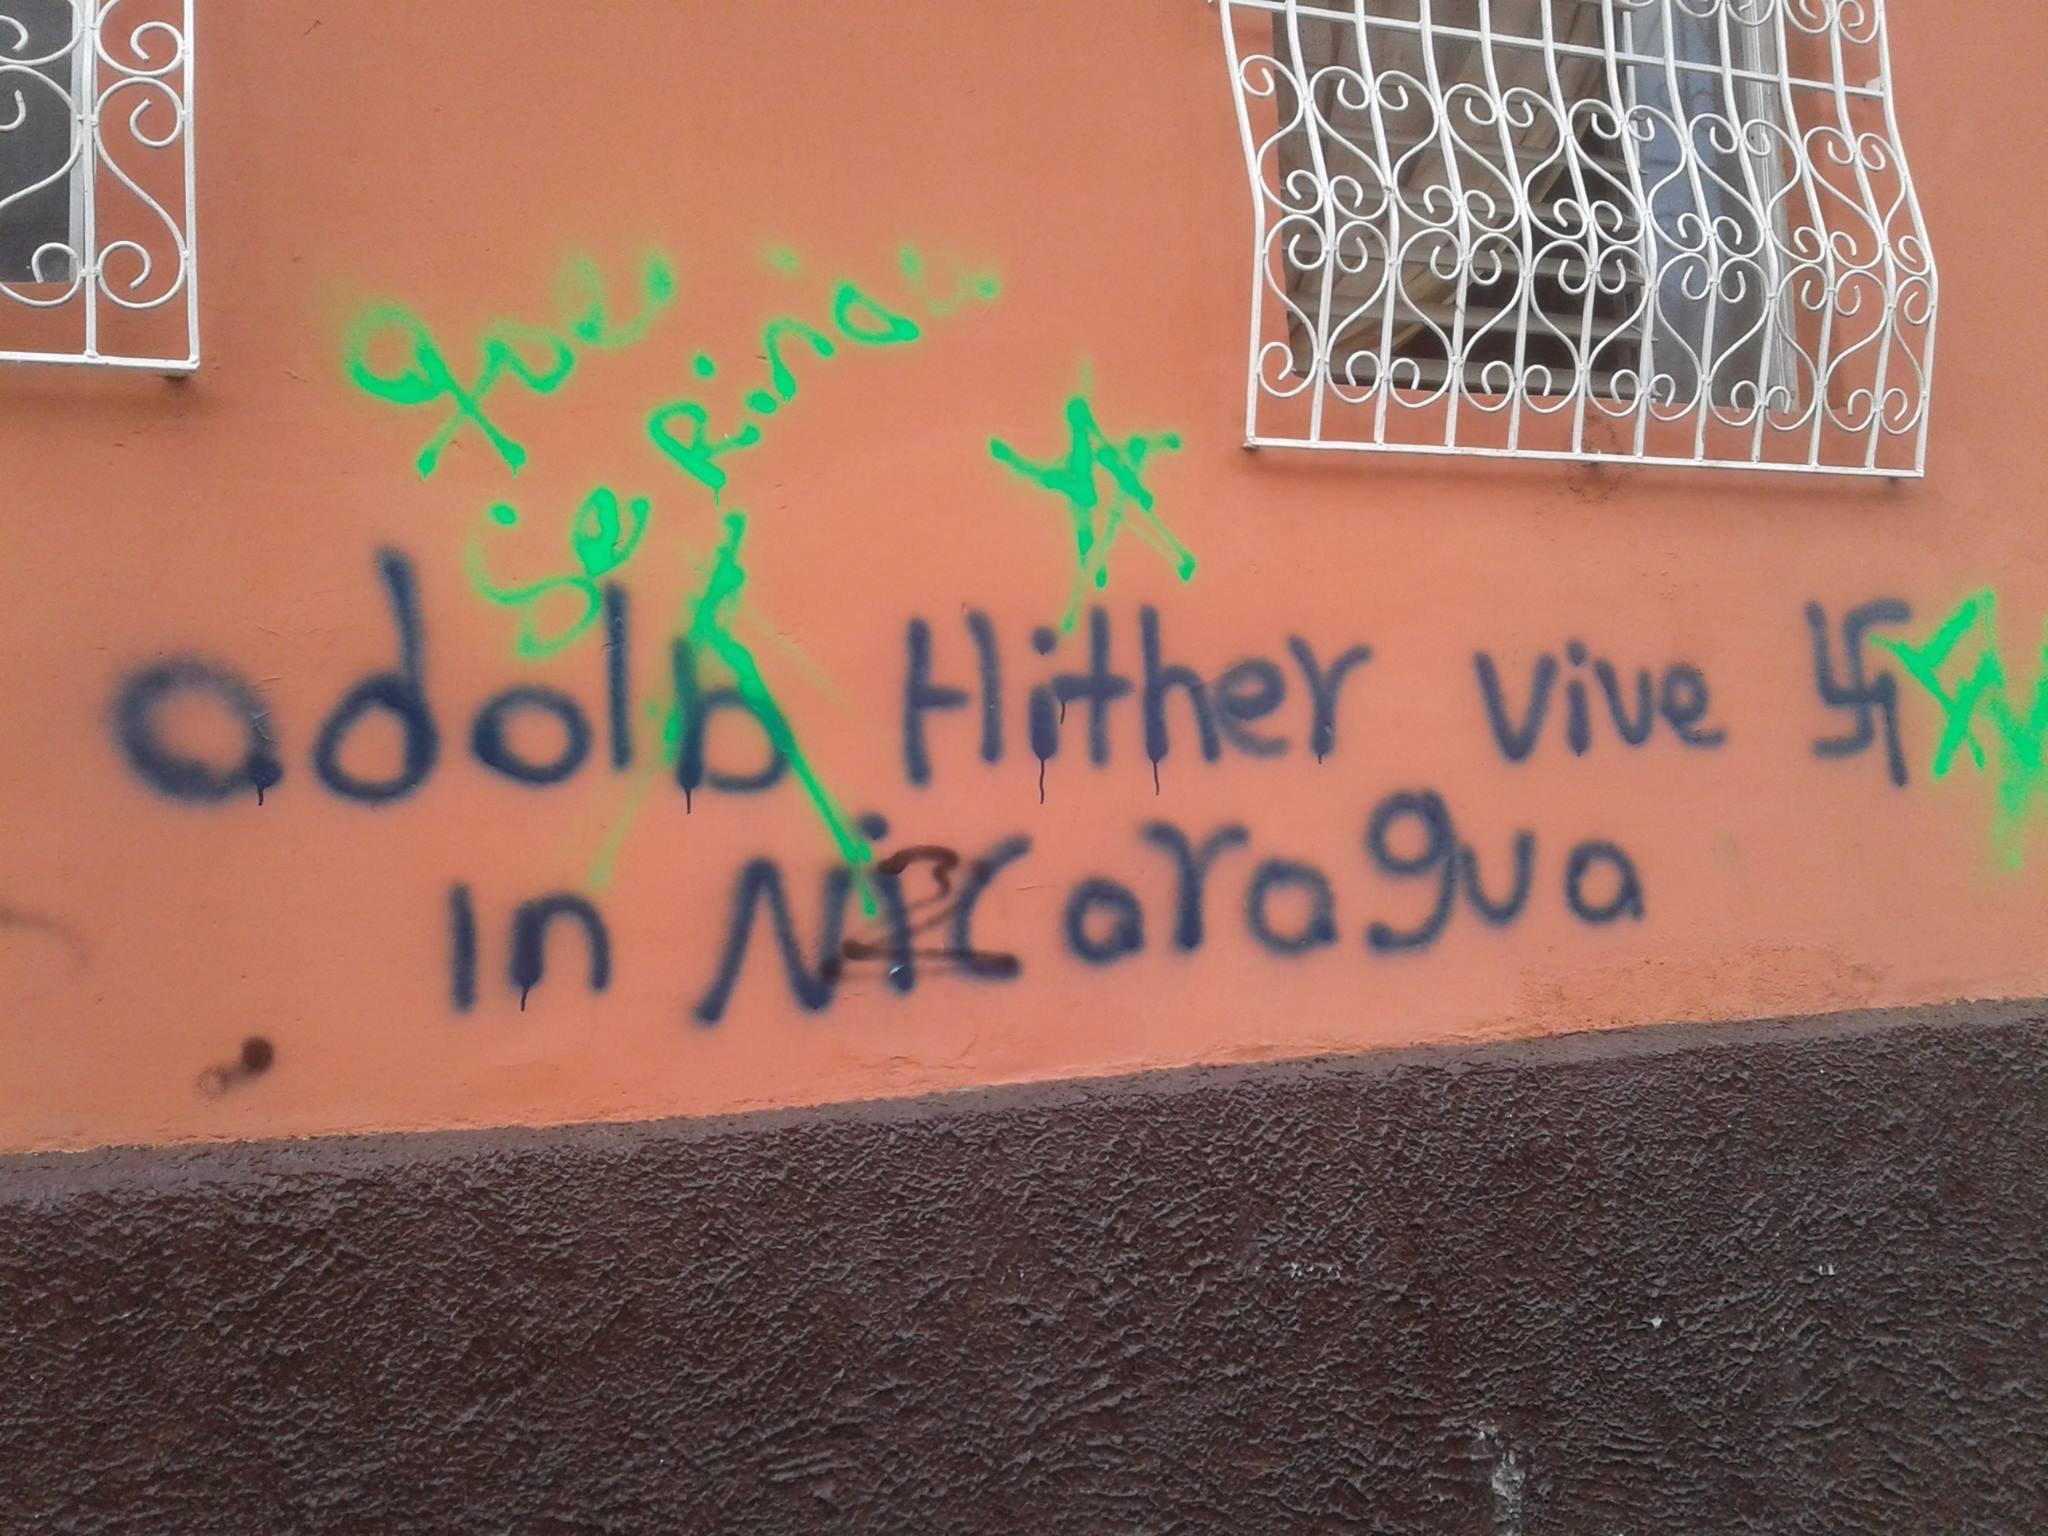 Un muro con incitaciones violentas de extrema derecha en Nicaragua